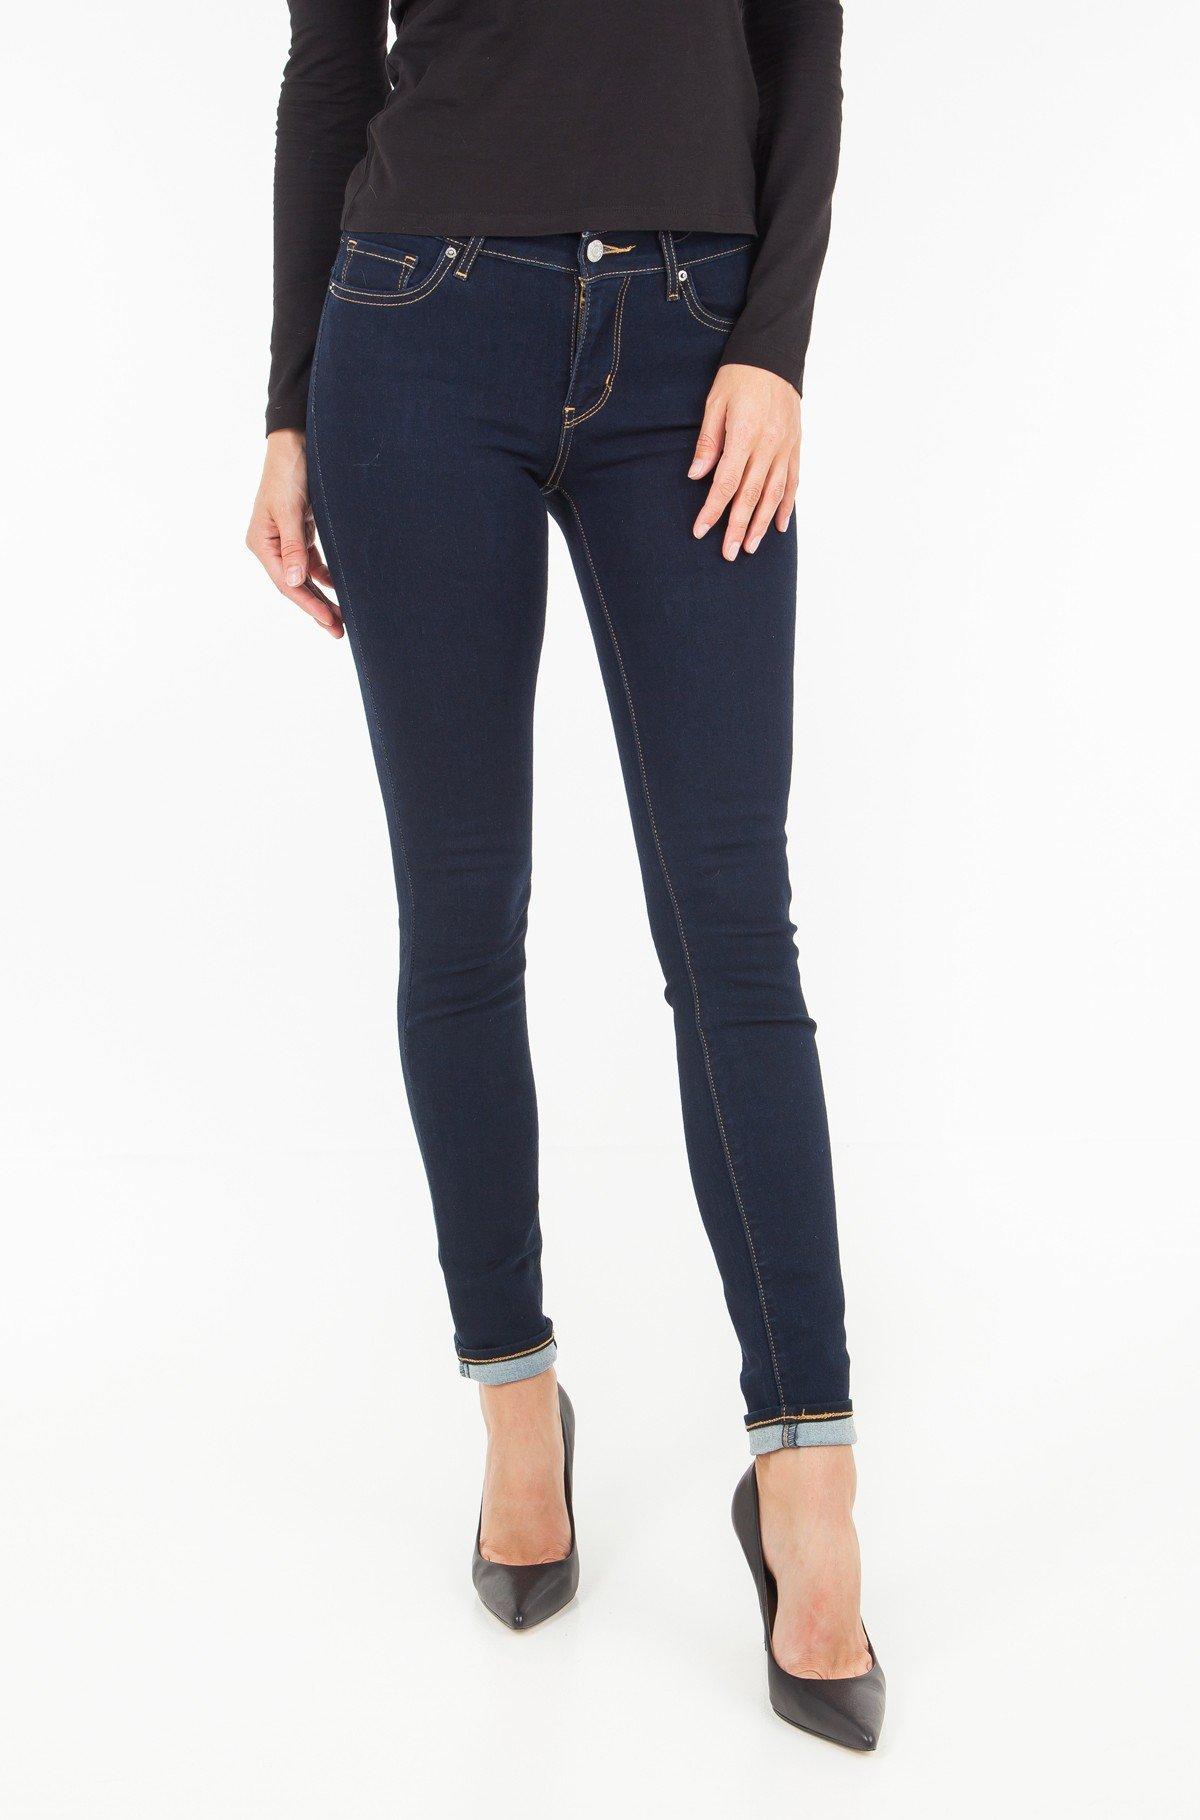 Jeans 188810333-full-1